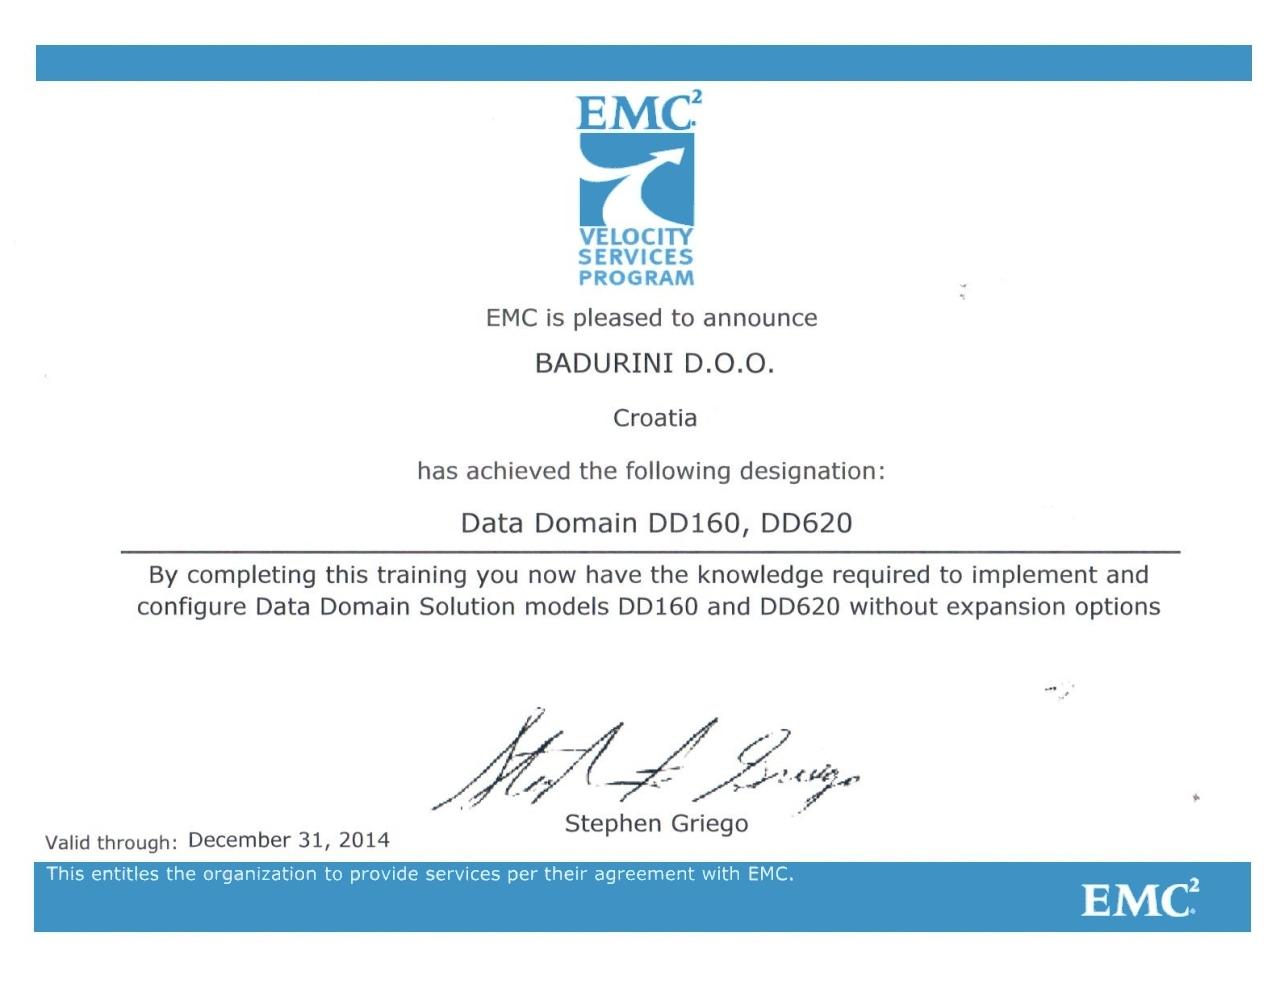 EMC2 Velocity Affilate Partner